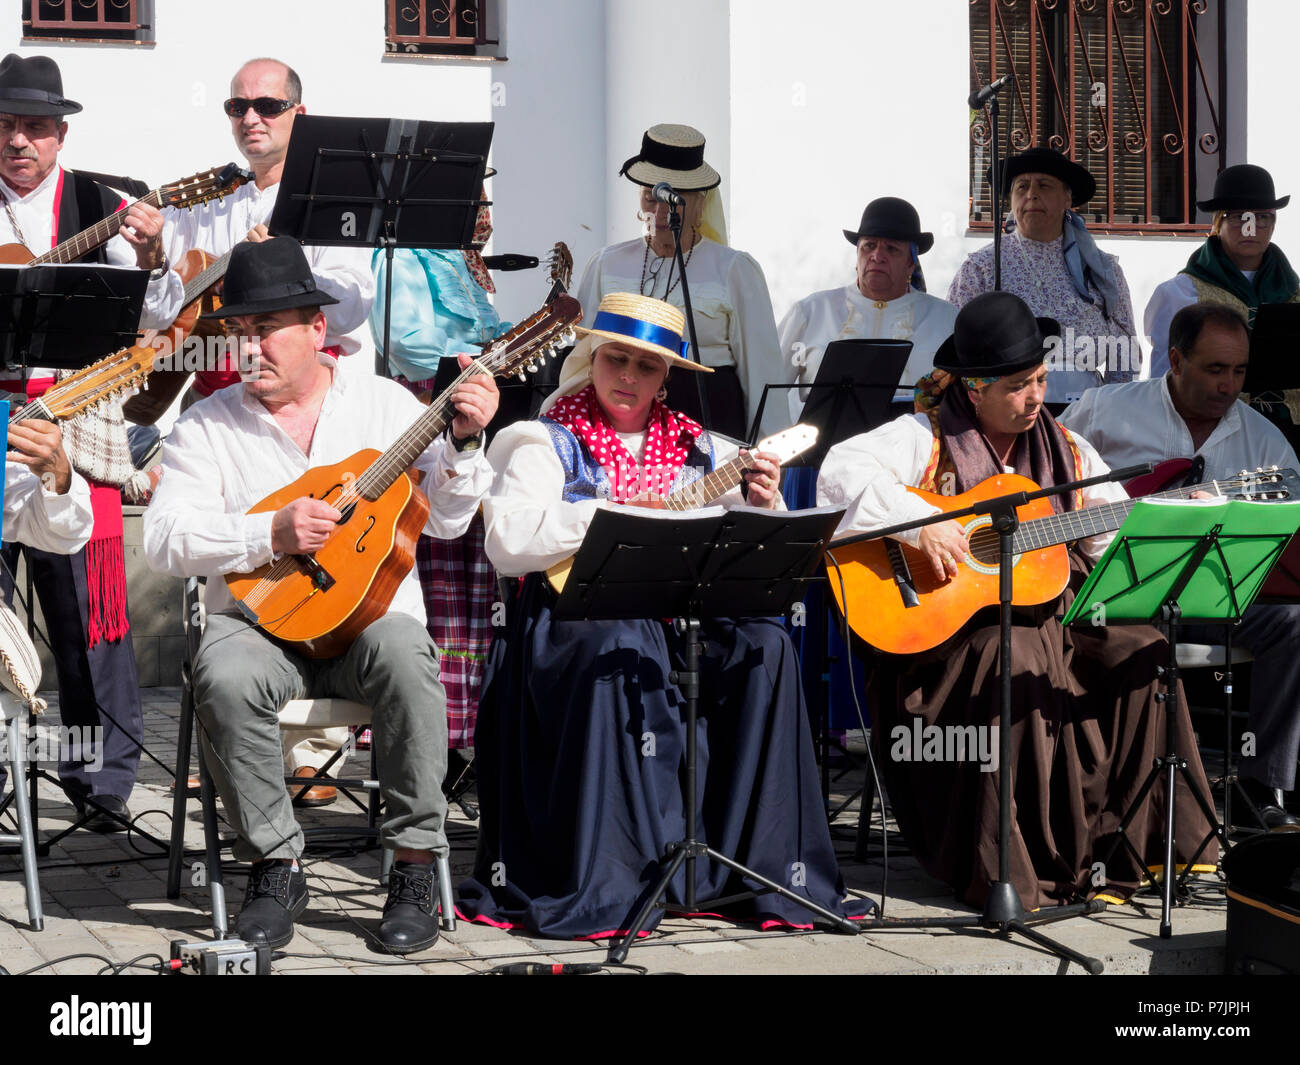 Teneriffa, Kanarische Inseln - Santiago del Teide. Traditionelle Folk Band spielen Kanarische Musik. Stockbild